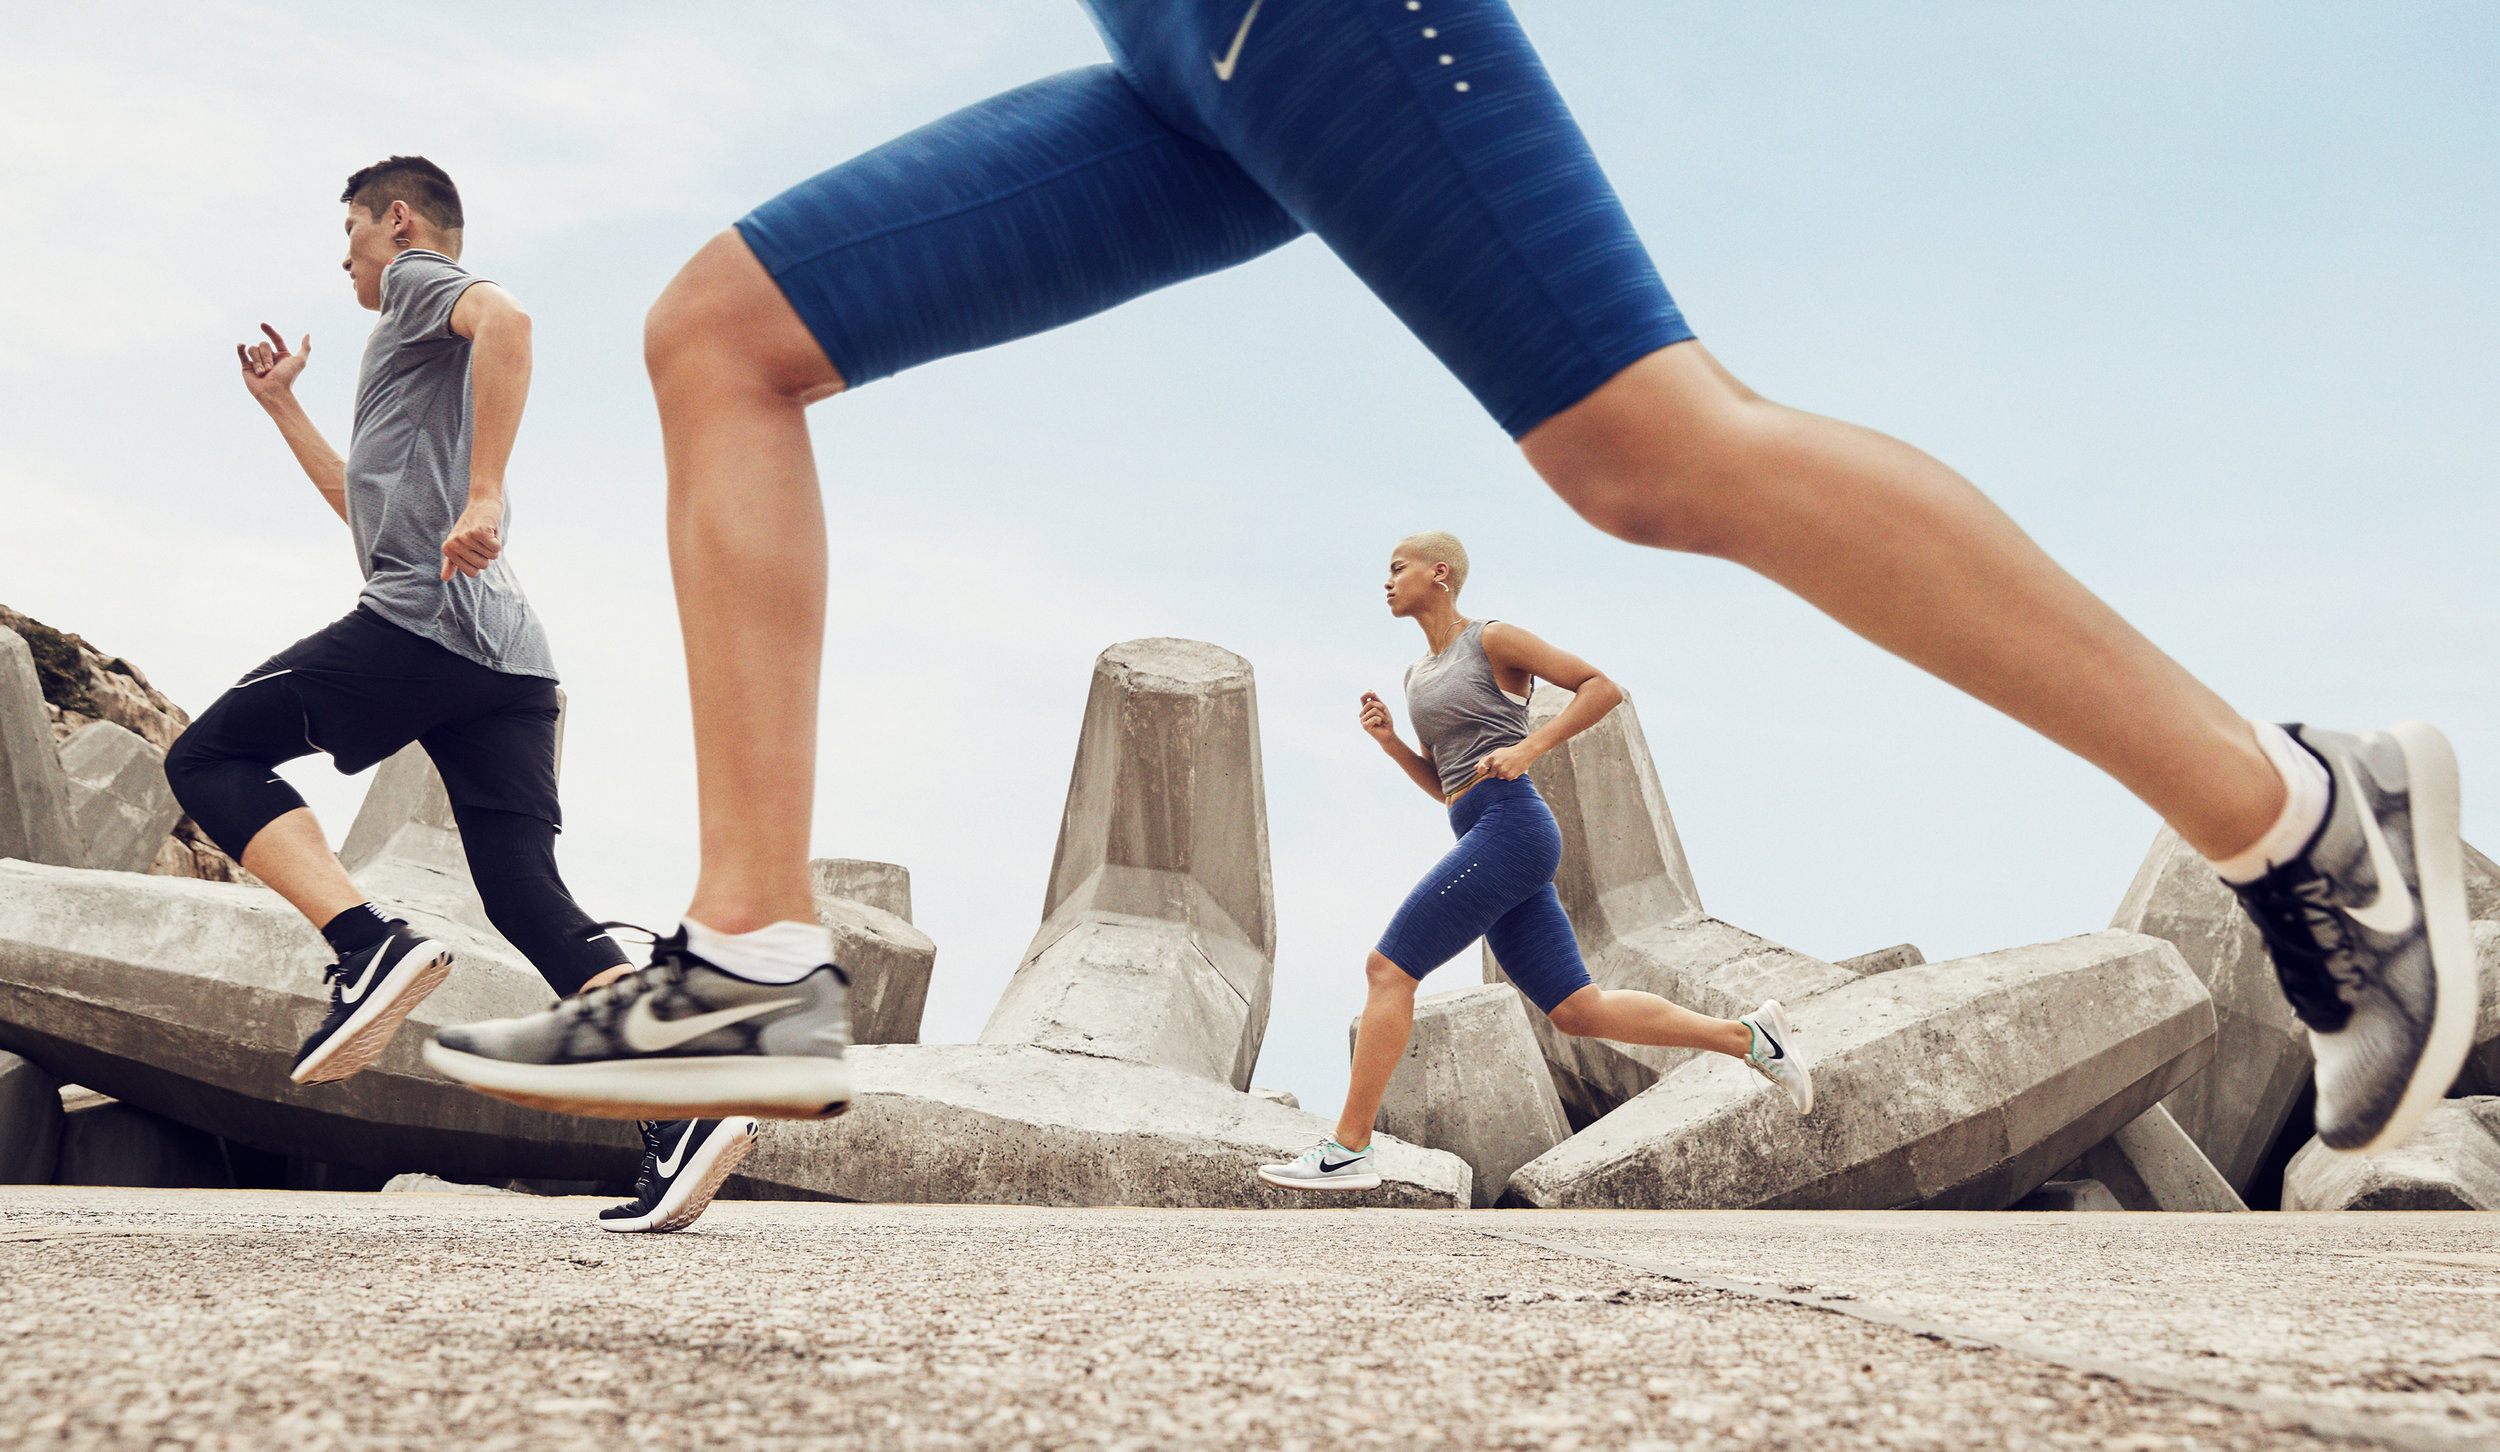 JWDTAN_Nike_Running_HK6.jpg